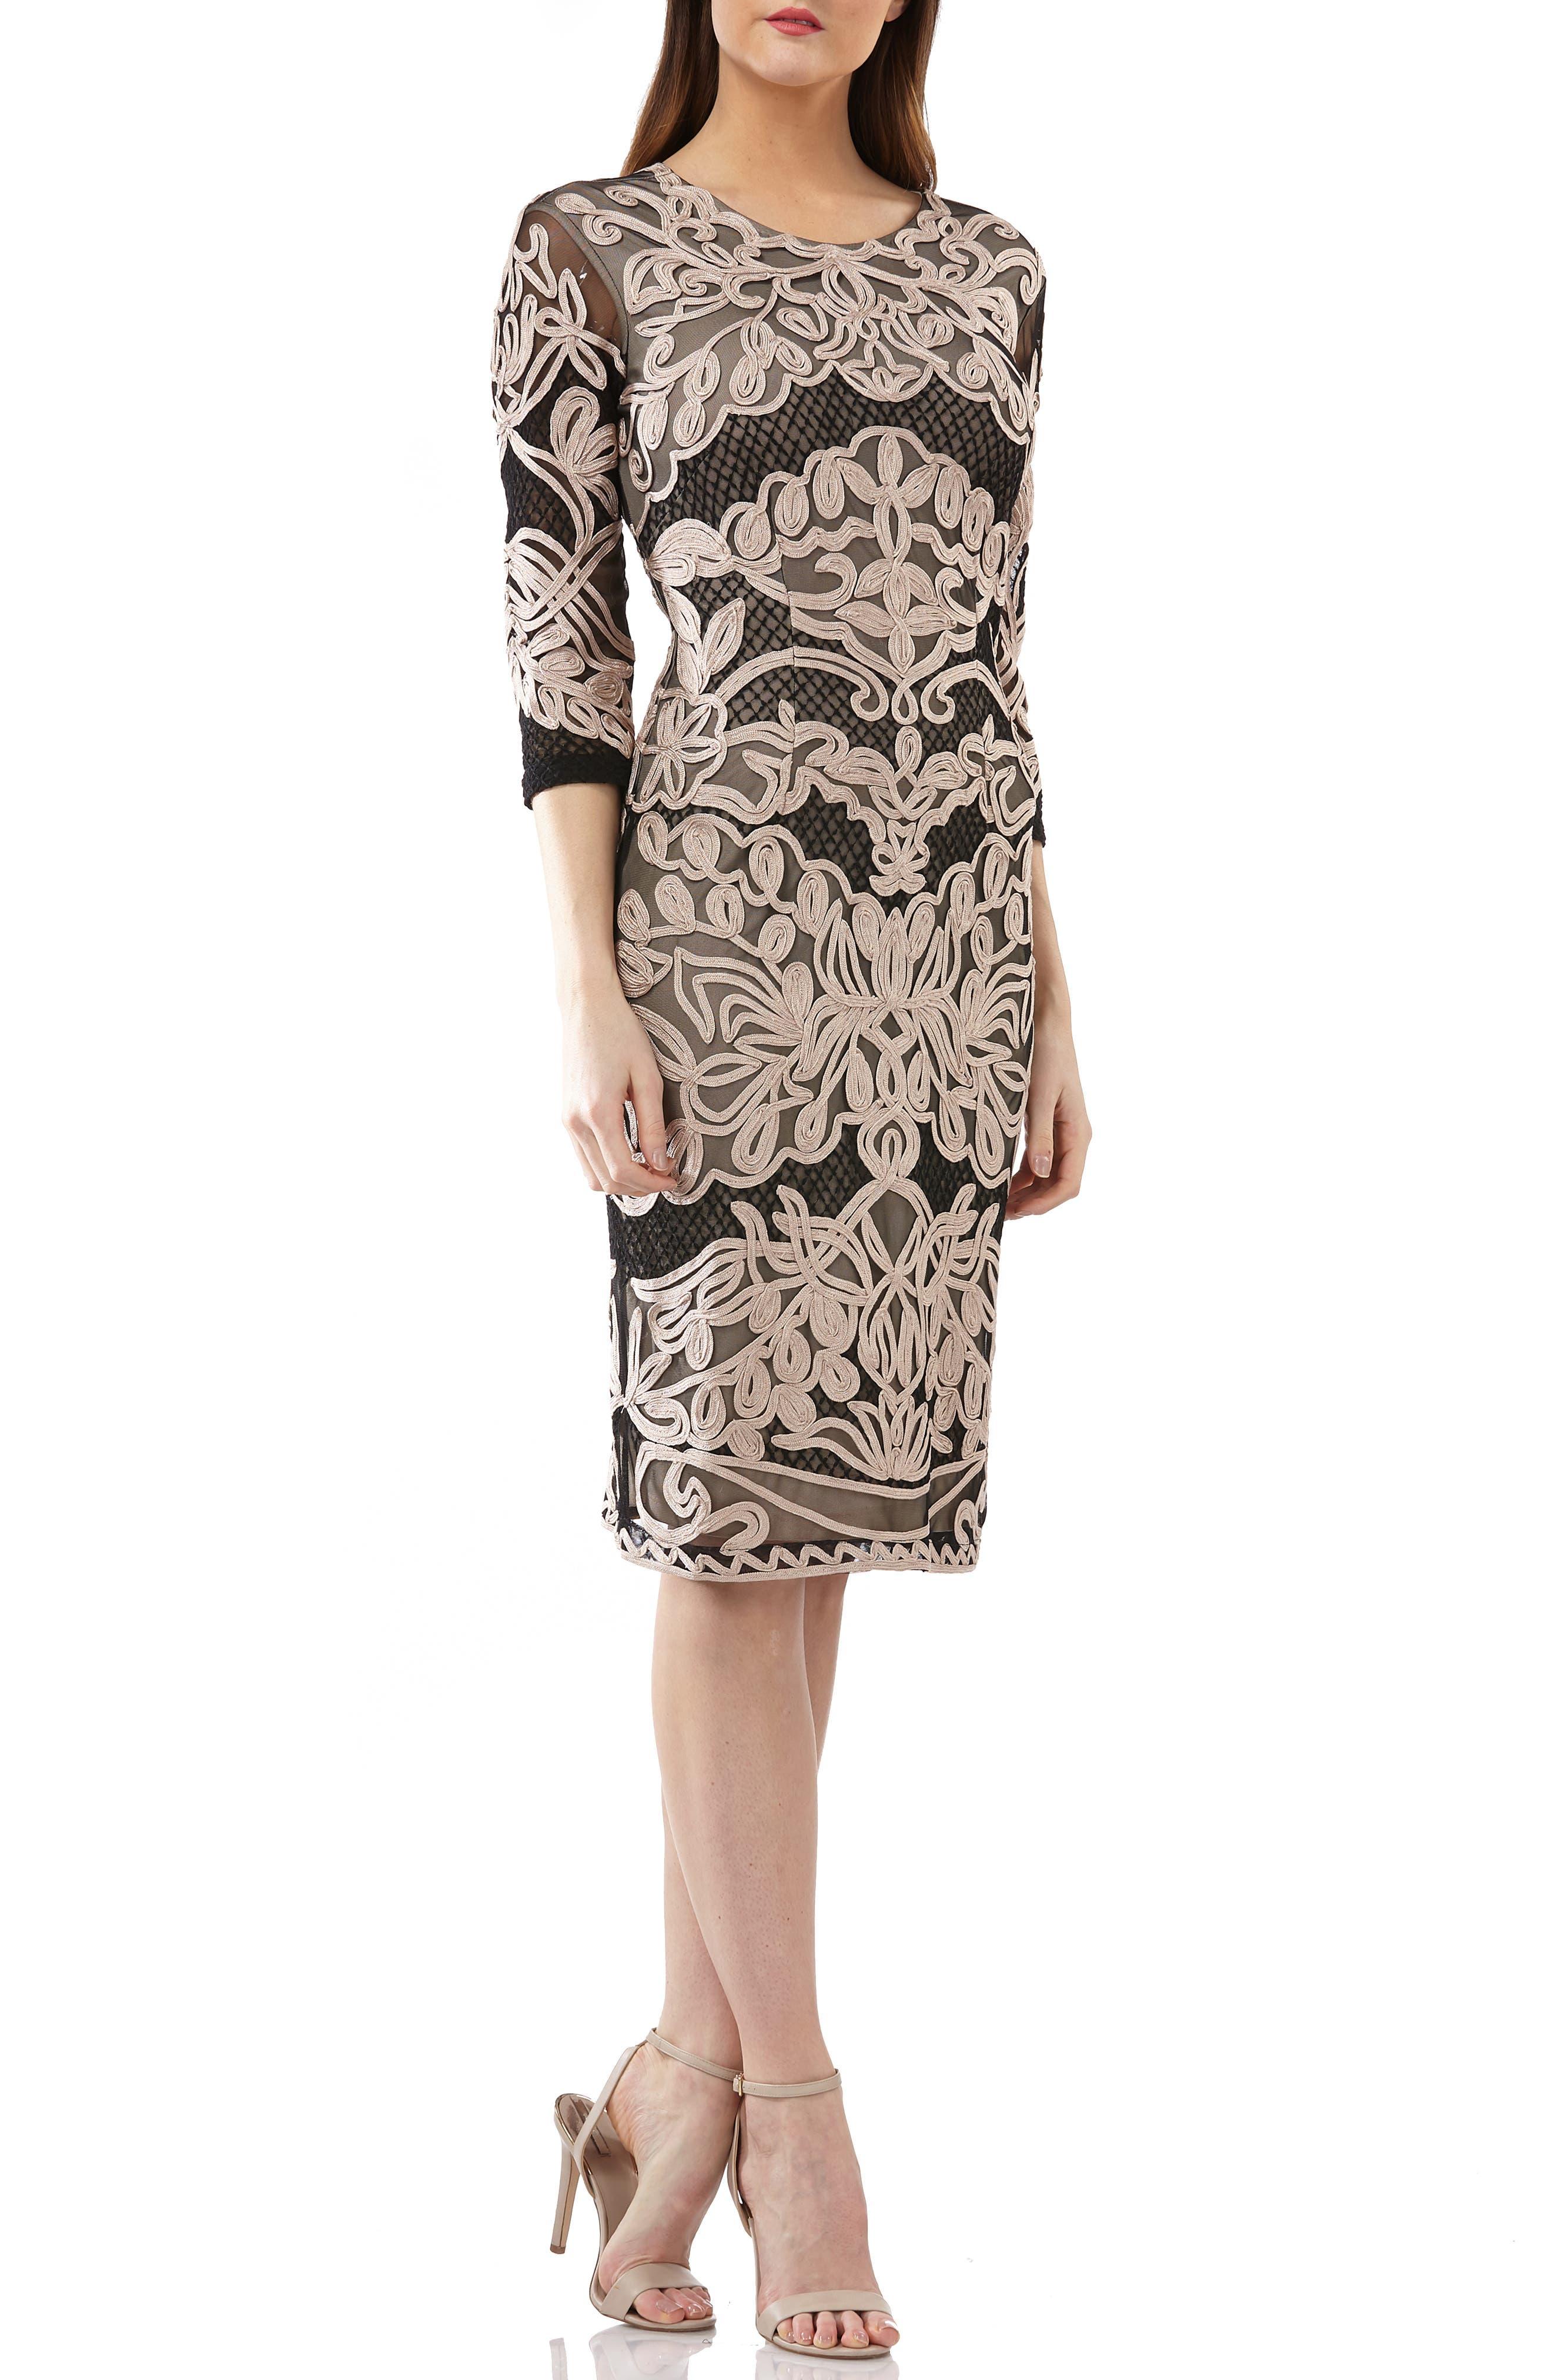 Js Collections Soutache Sheath Dress, Black